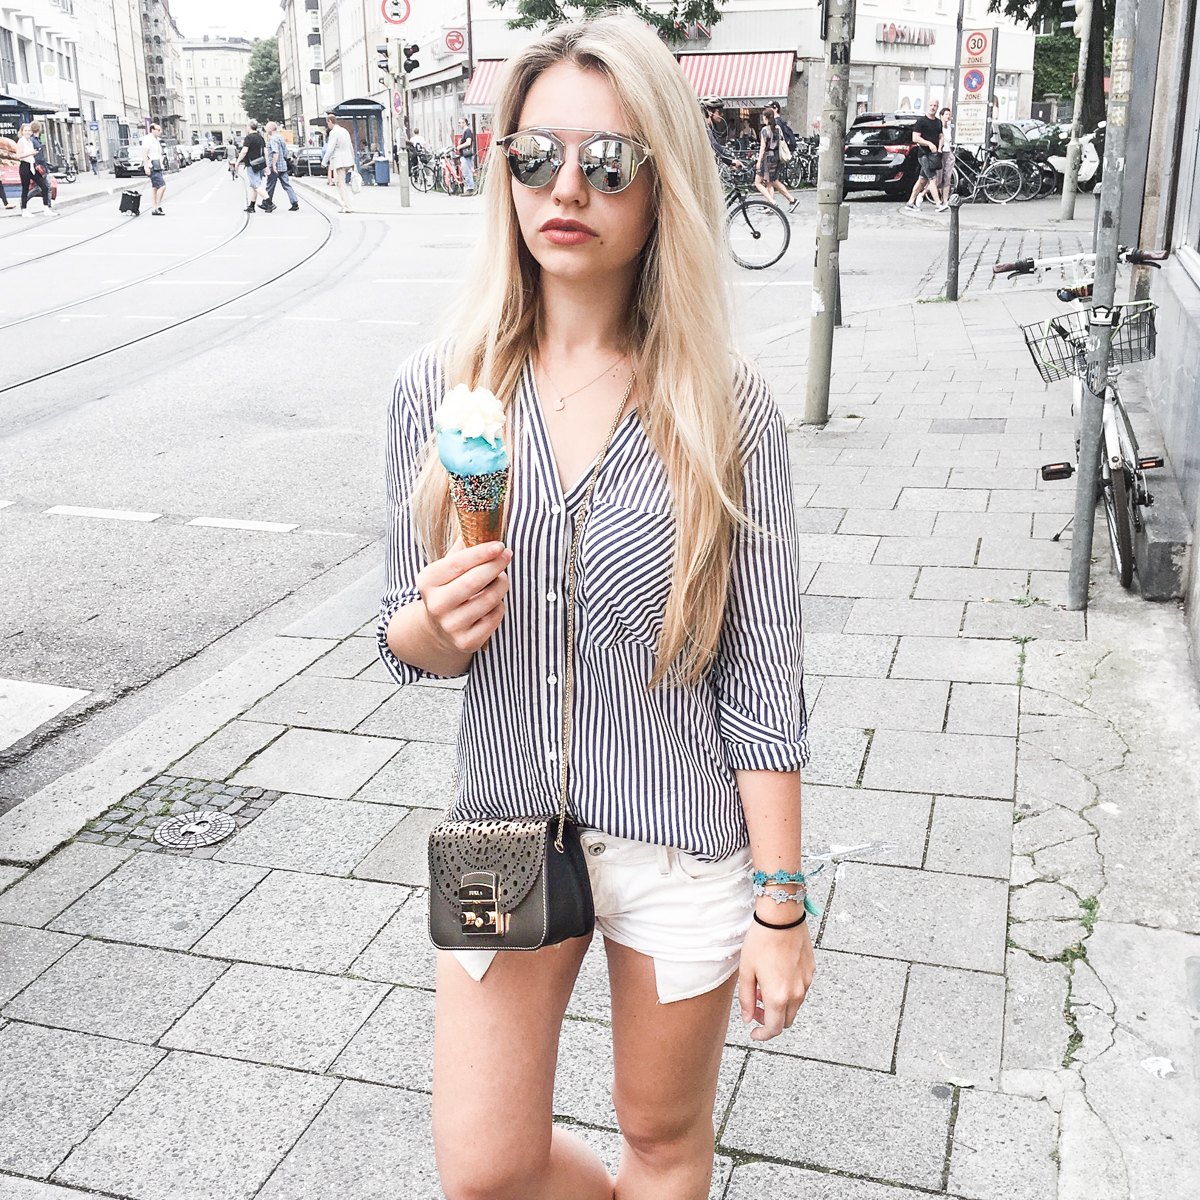 Franziska Elea deutsche Blogger Modeblog Fashion Blog München Werbung Seele Verkaufen Produktplatzierung authentisch Modeblogger Produkte Authentizität eis